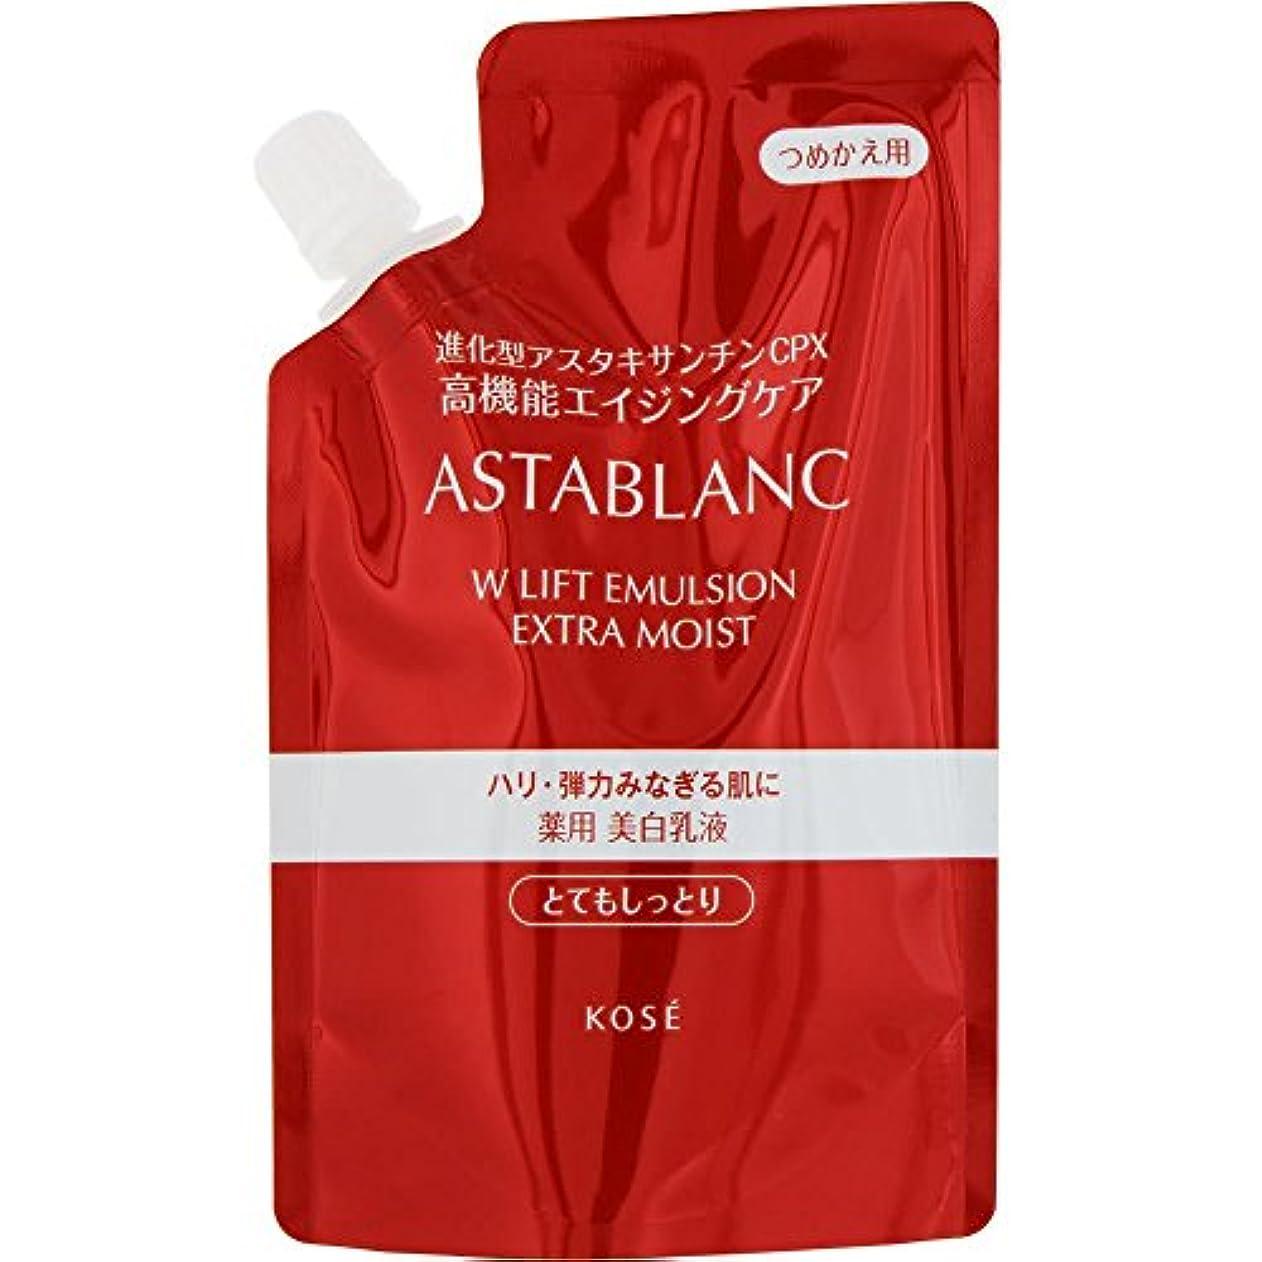 錫餌キリン[医薬部外品] アスタブラン Wリフト エマルジョン とてもしっとり (つめかえ用) 90mL